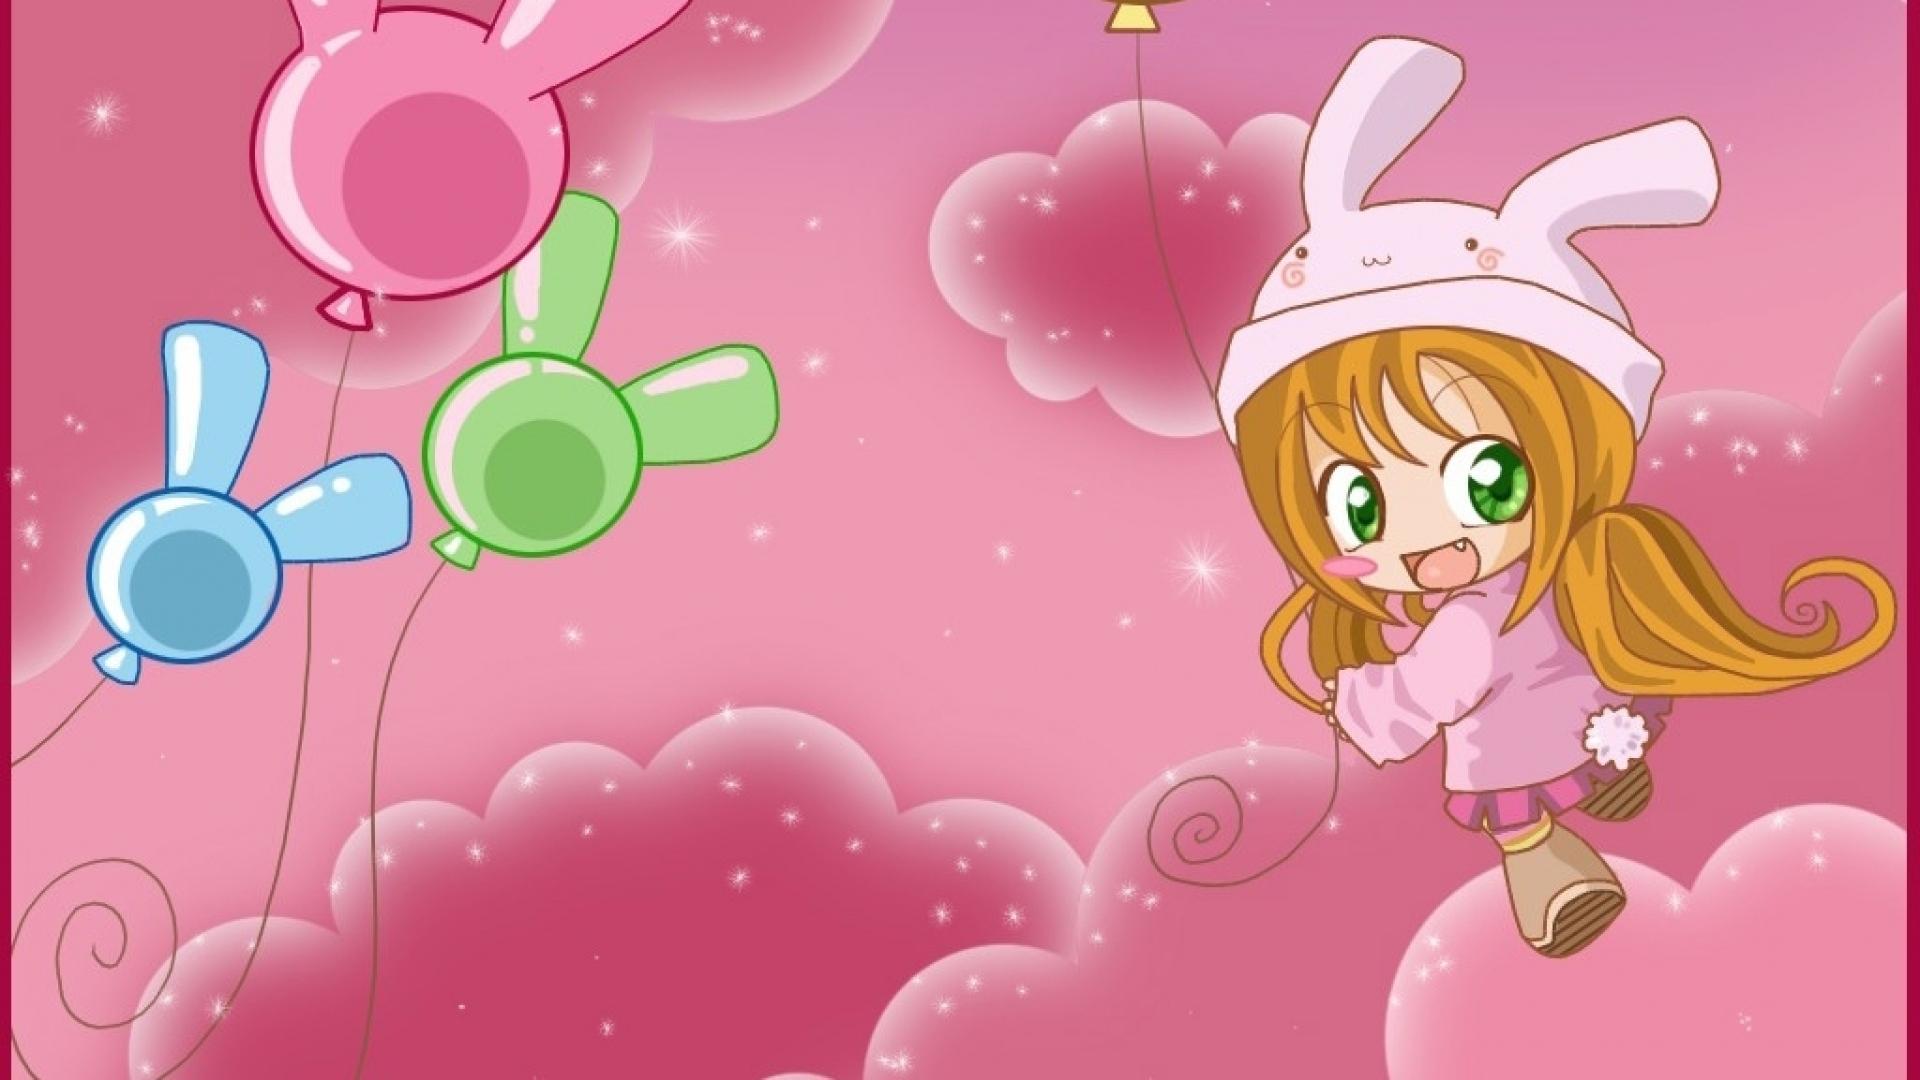 anime girl, flight, balloons